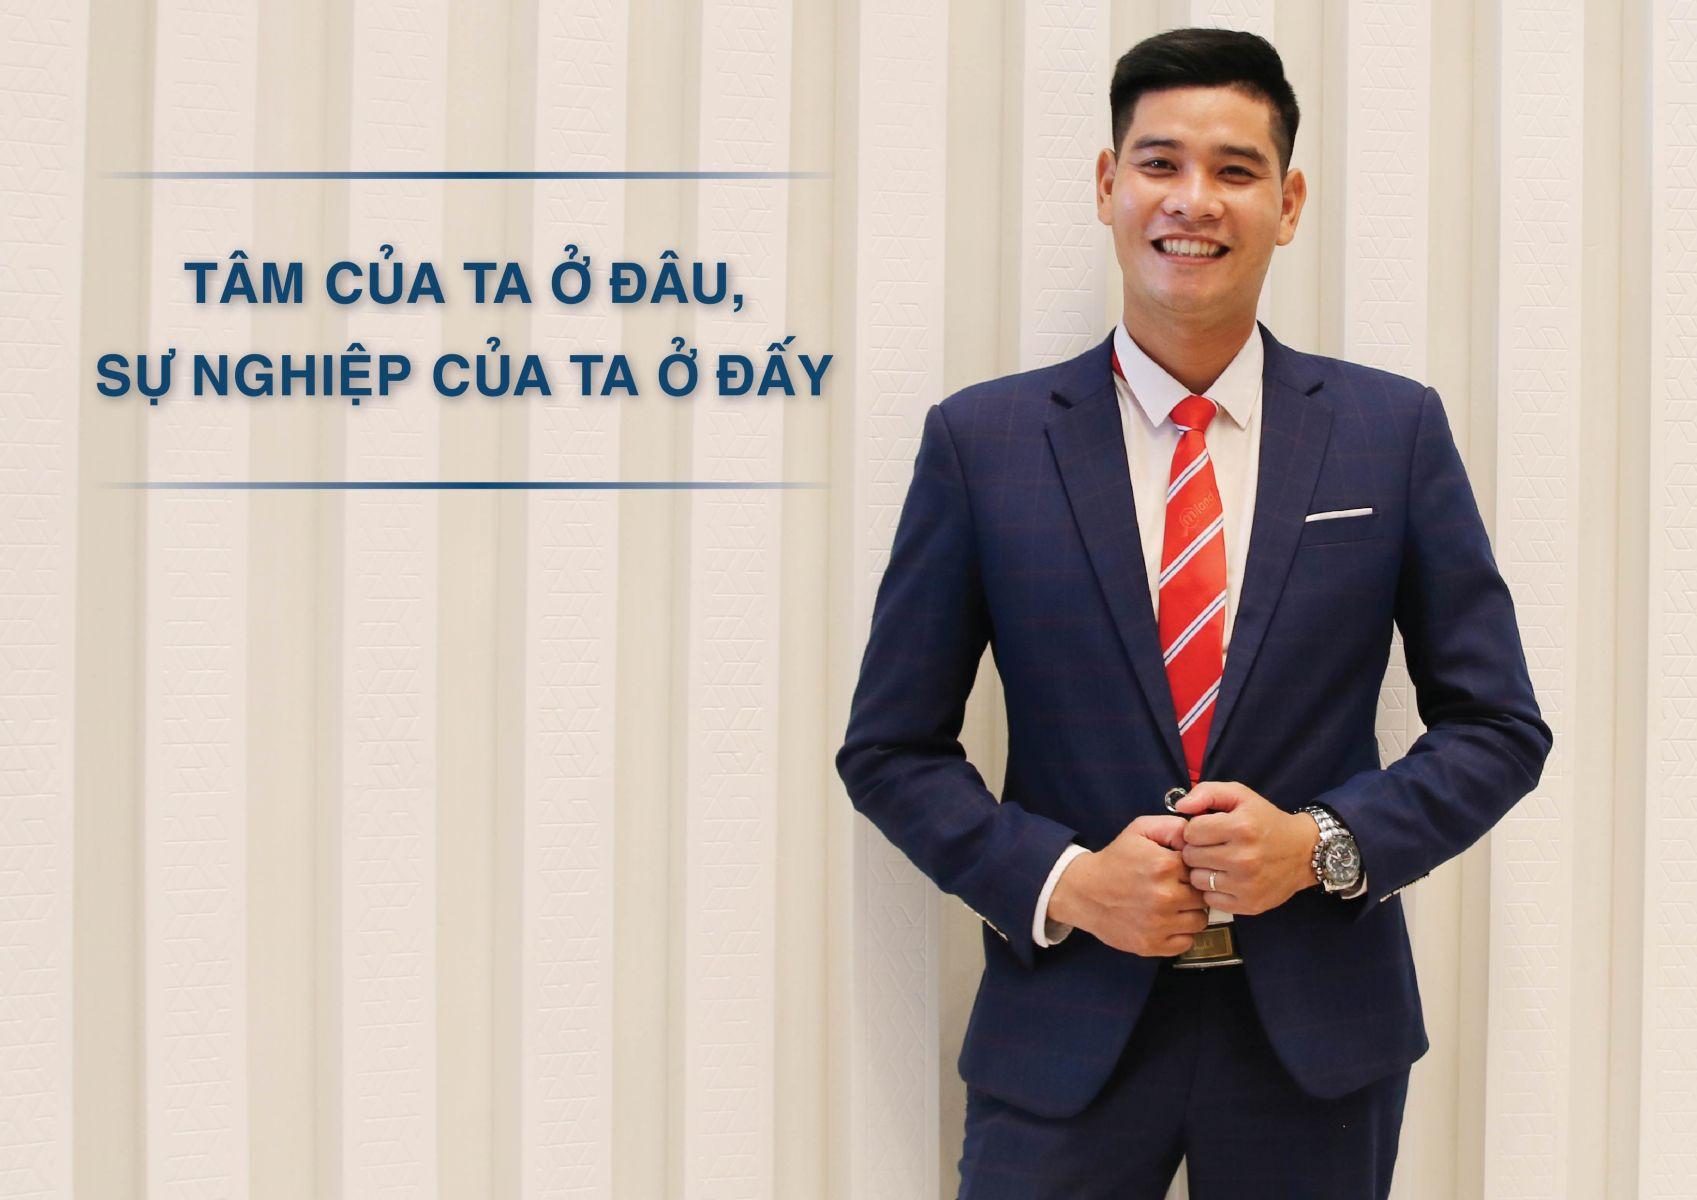 Gặp gỡ Chuyên viên tư vấn xuất sắc nhất tuần: Phạm Văn Kế - Team Luxury